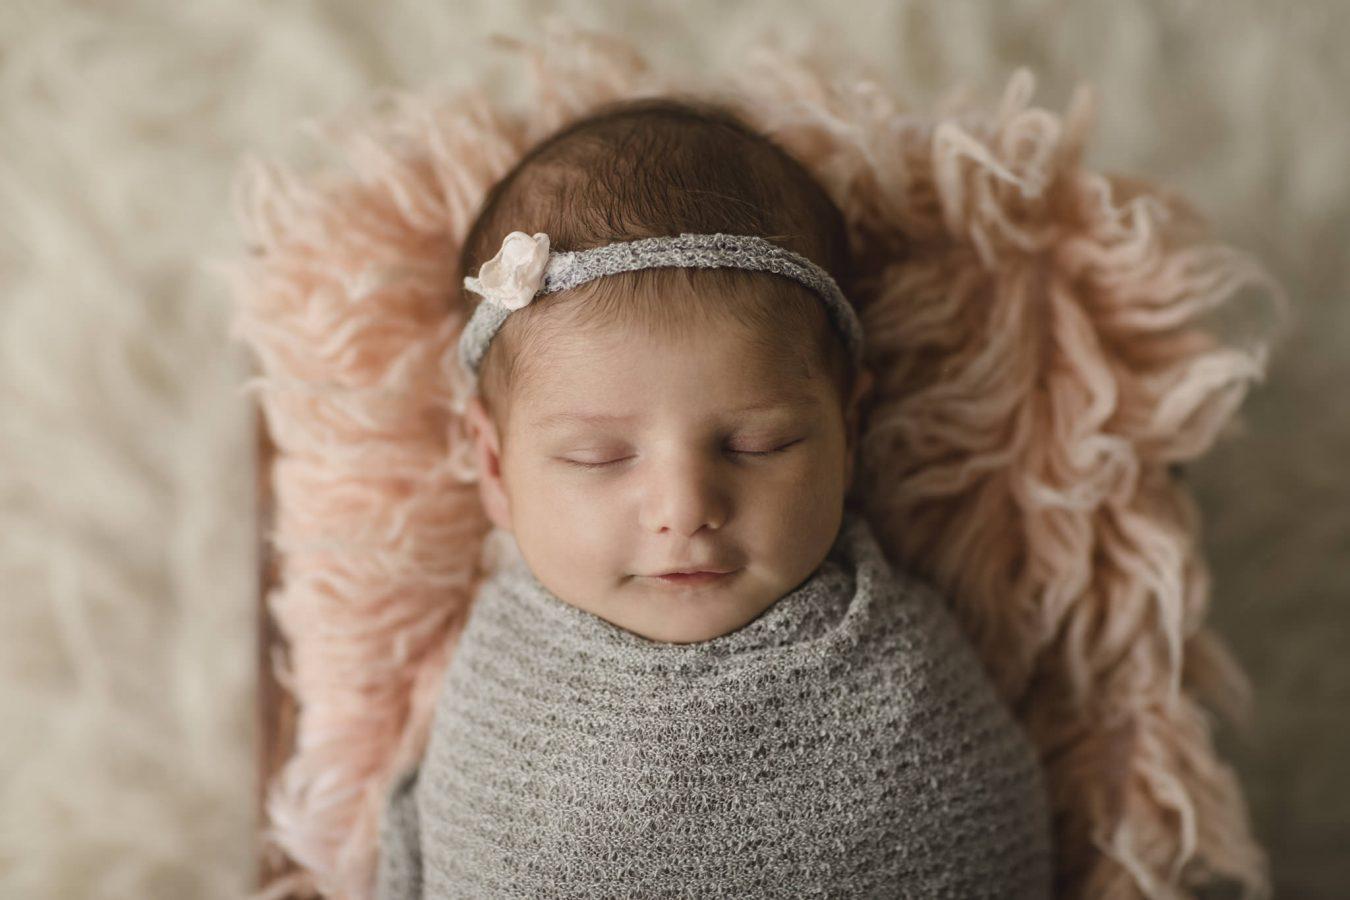 Babyfotograf Hamburg - Baby liegt eingewickelt in einer Kiste